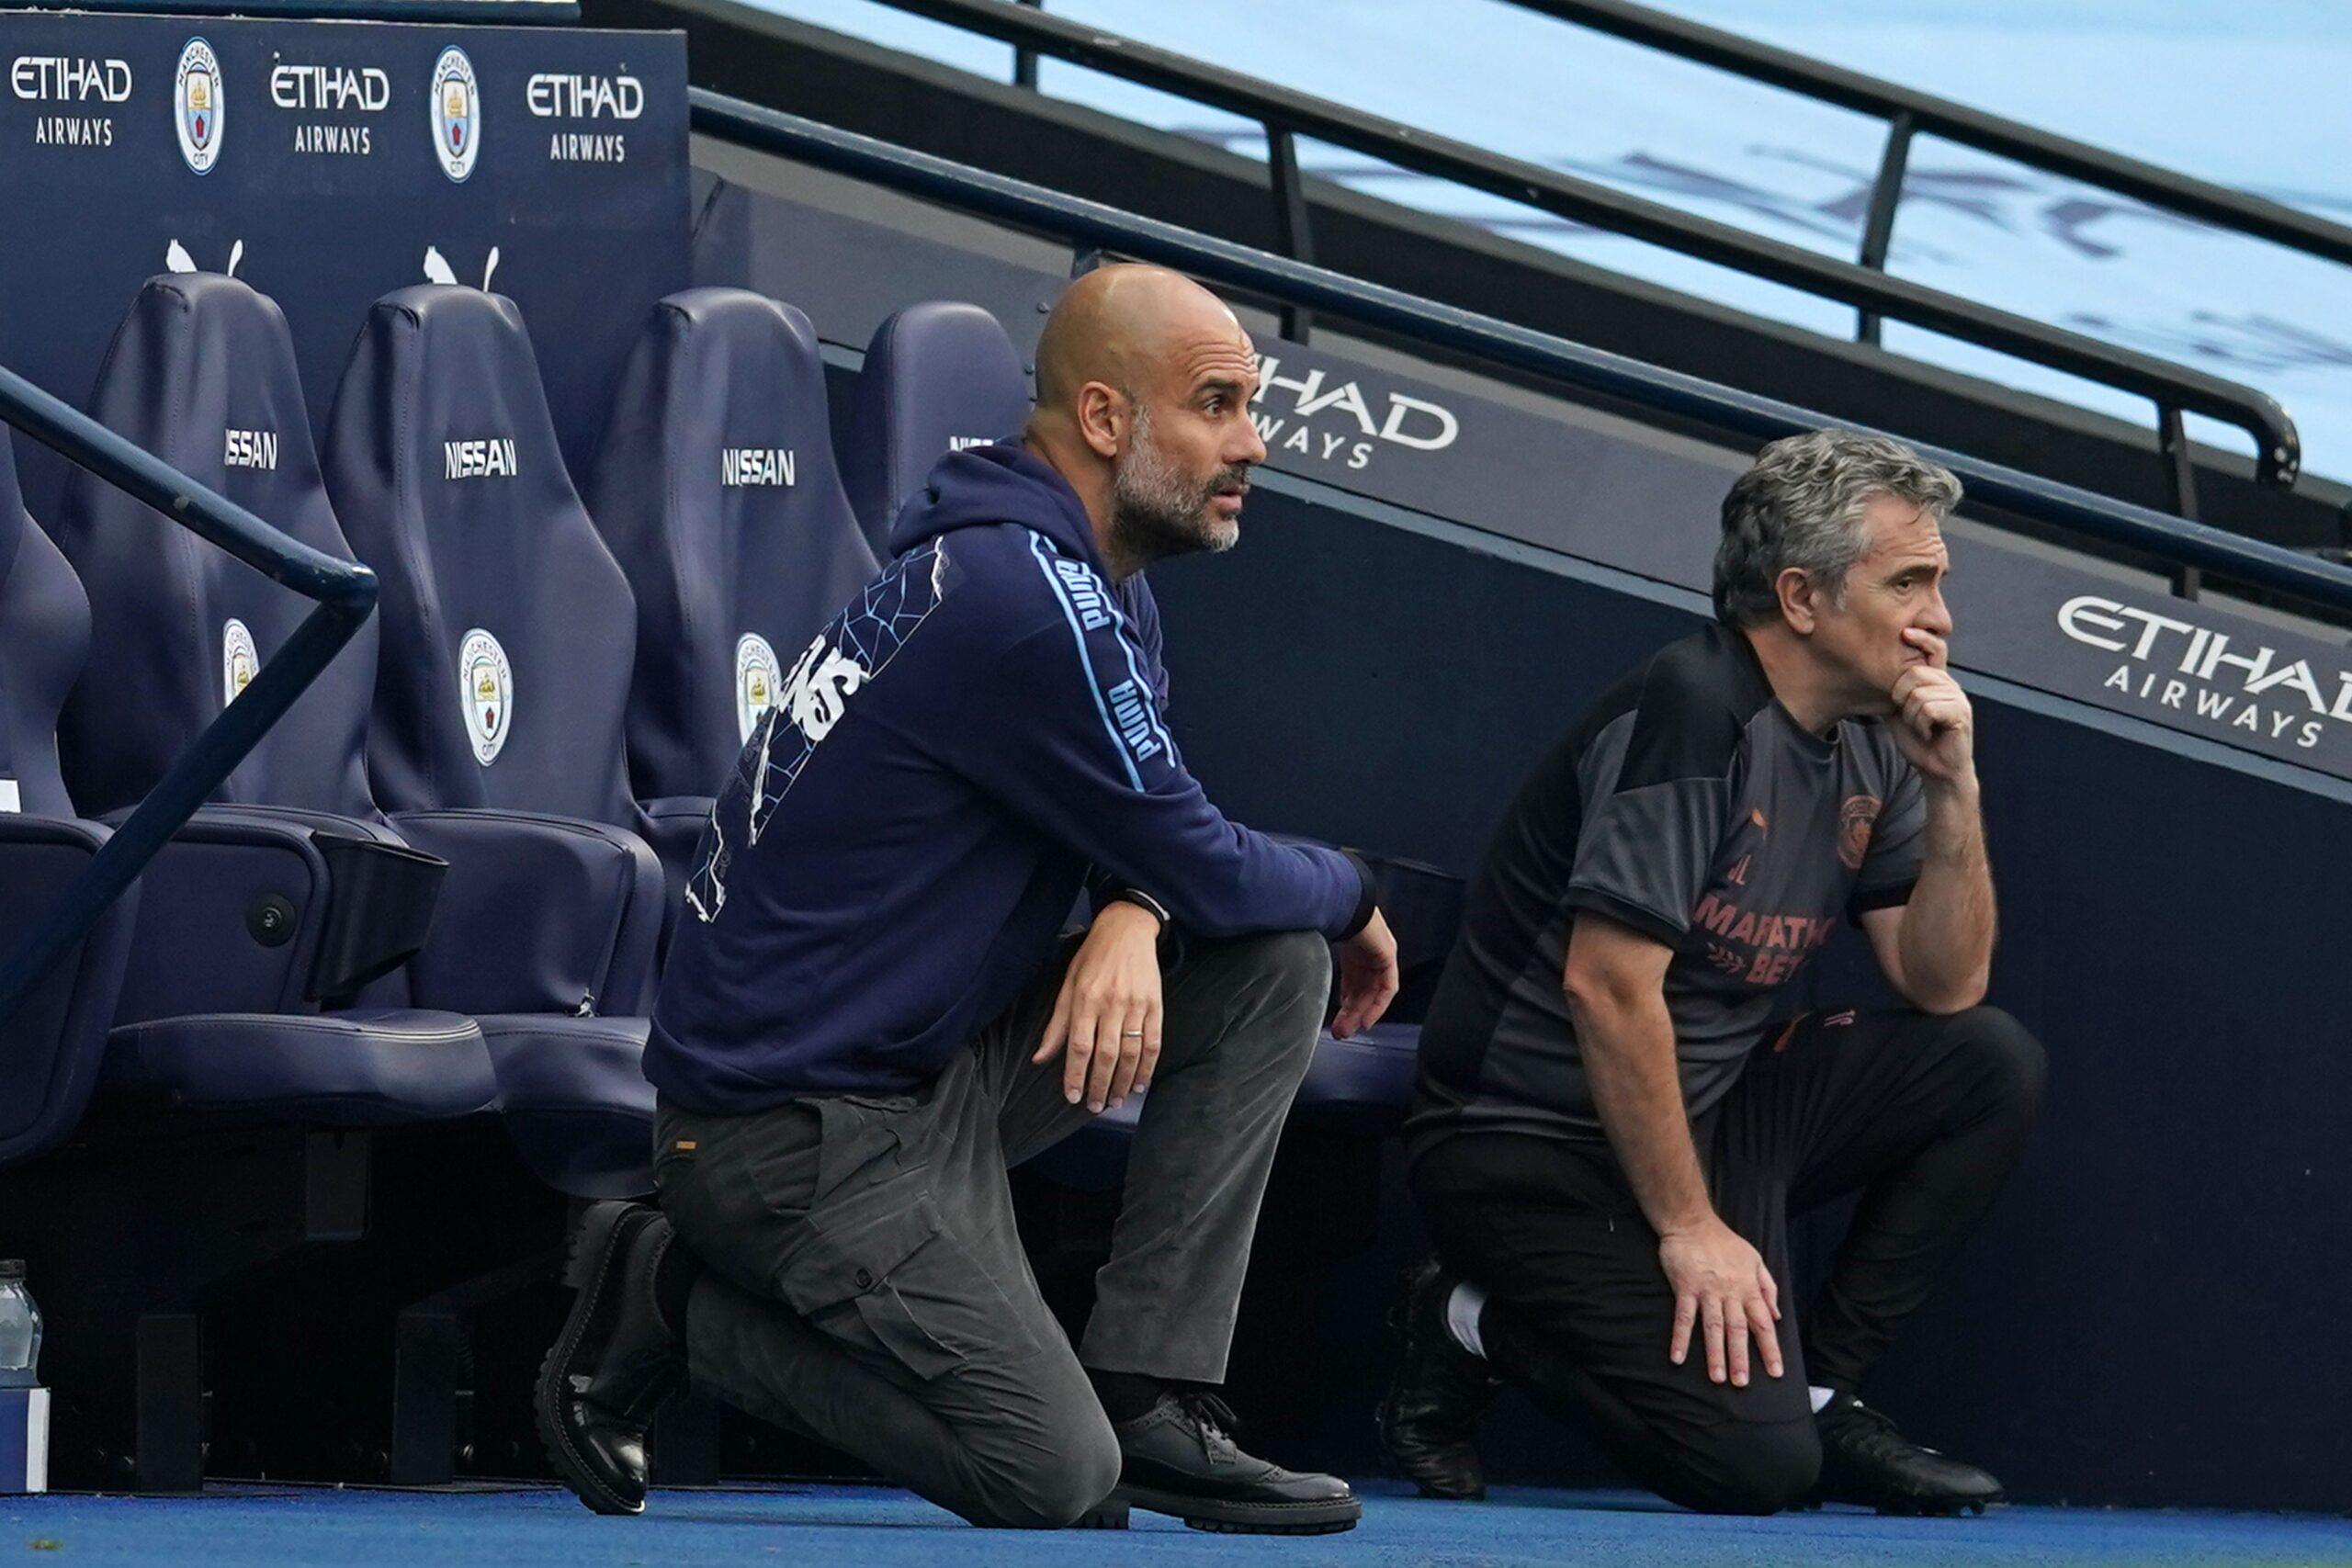 El Manchester City dispuesto a cerrar el fichaje de un jugador del Atlético